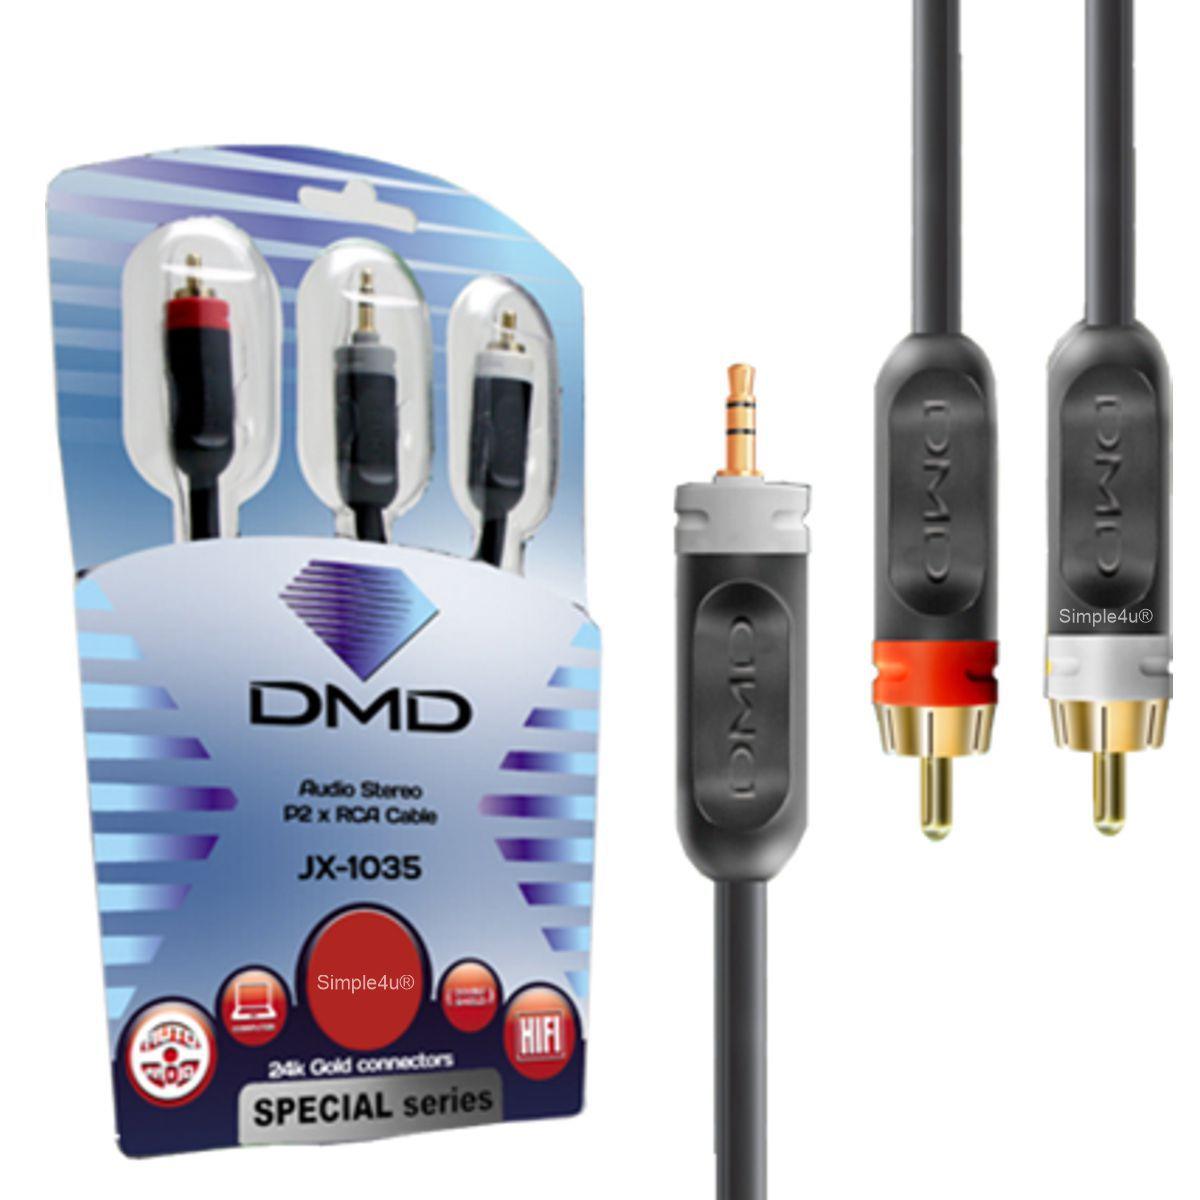 Cabo de Áudio P2 / 2X RCA Linha SPECIAL Series JX-1035/1,5M DMD Diamond Cable